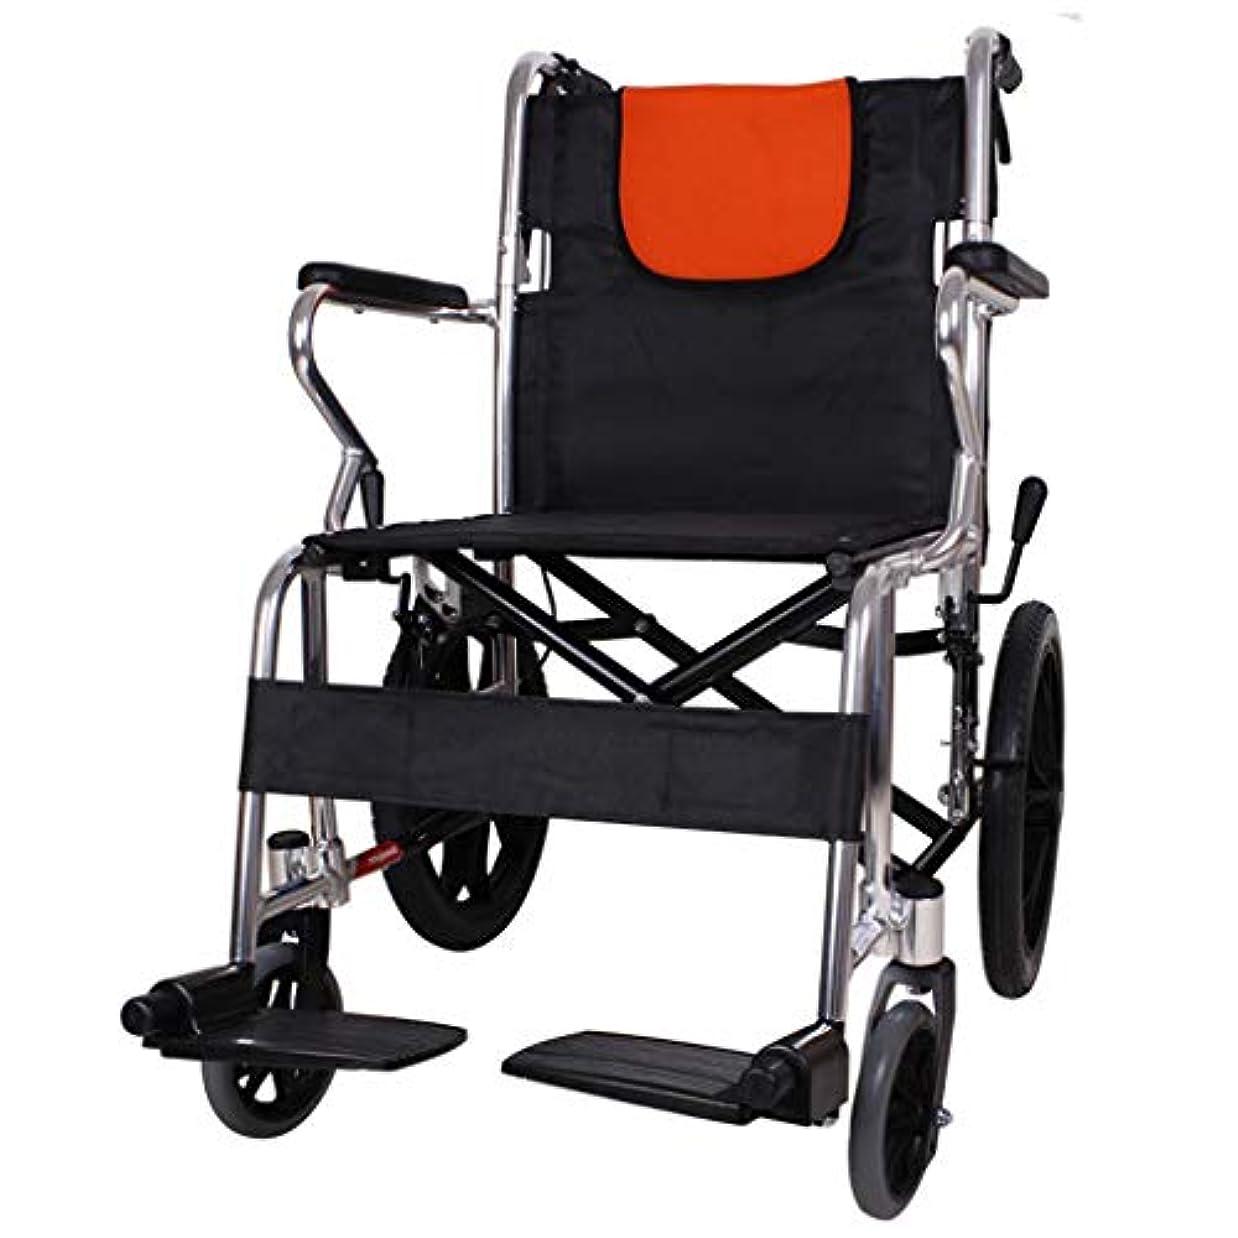 コミュニティ責疑わしいハンドプッシュ車椅子、折りたたみ式、手動プッシュ式歩行装置、成人および障害者用アルミニウム旅行スクーターに適しています